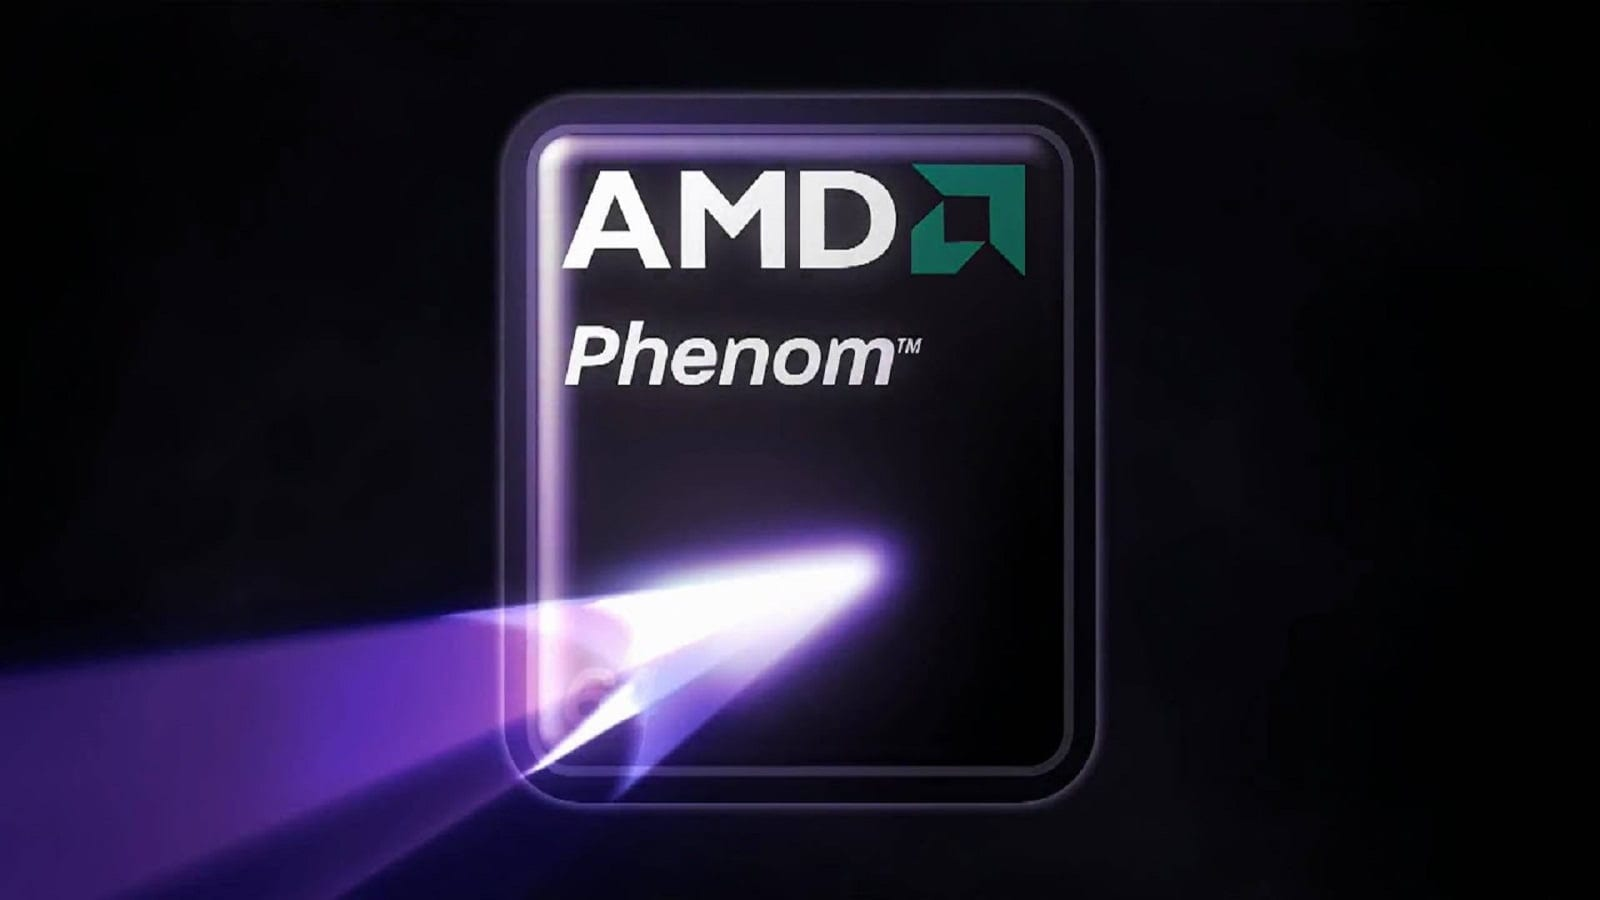 ИМХО о AMD Phenom II: Вершина эволюции К8